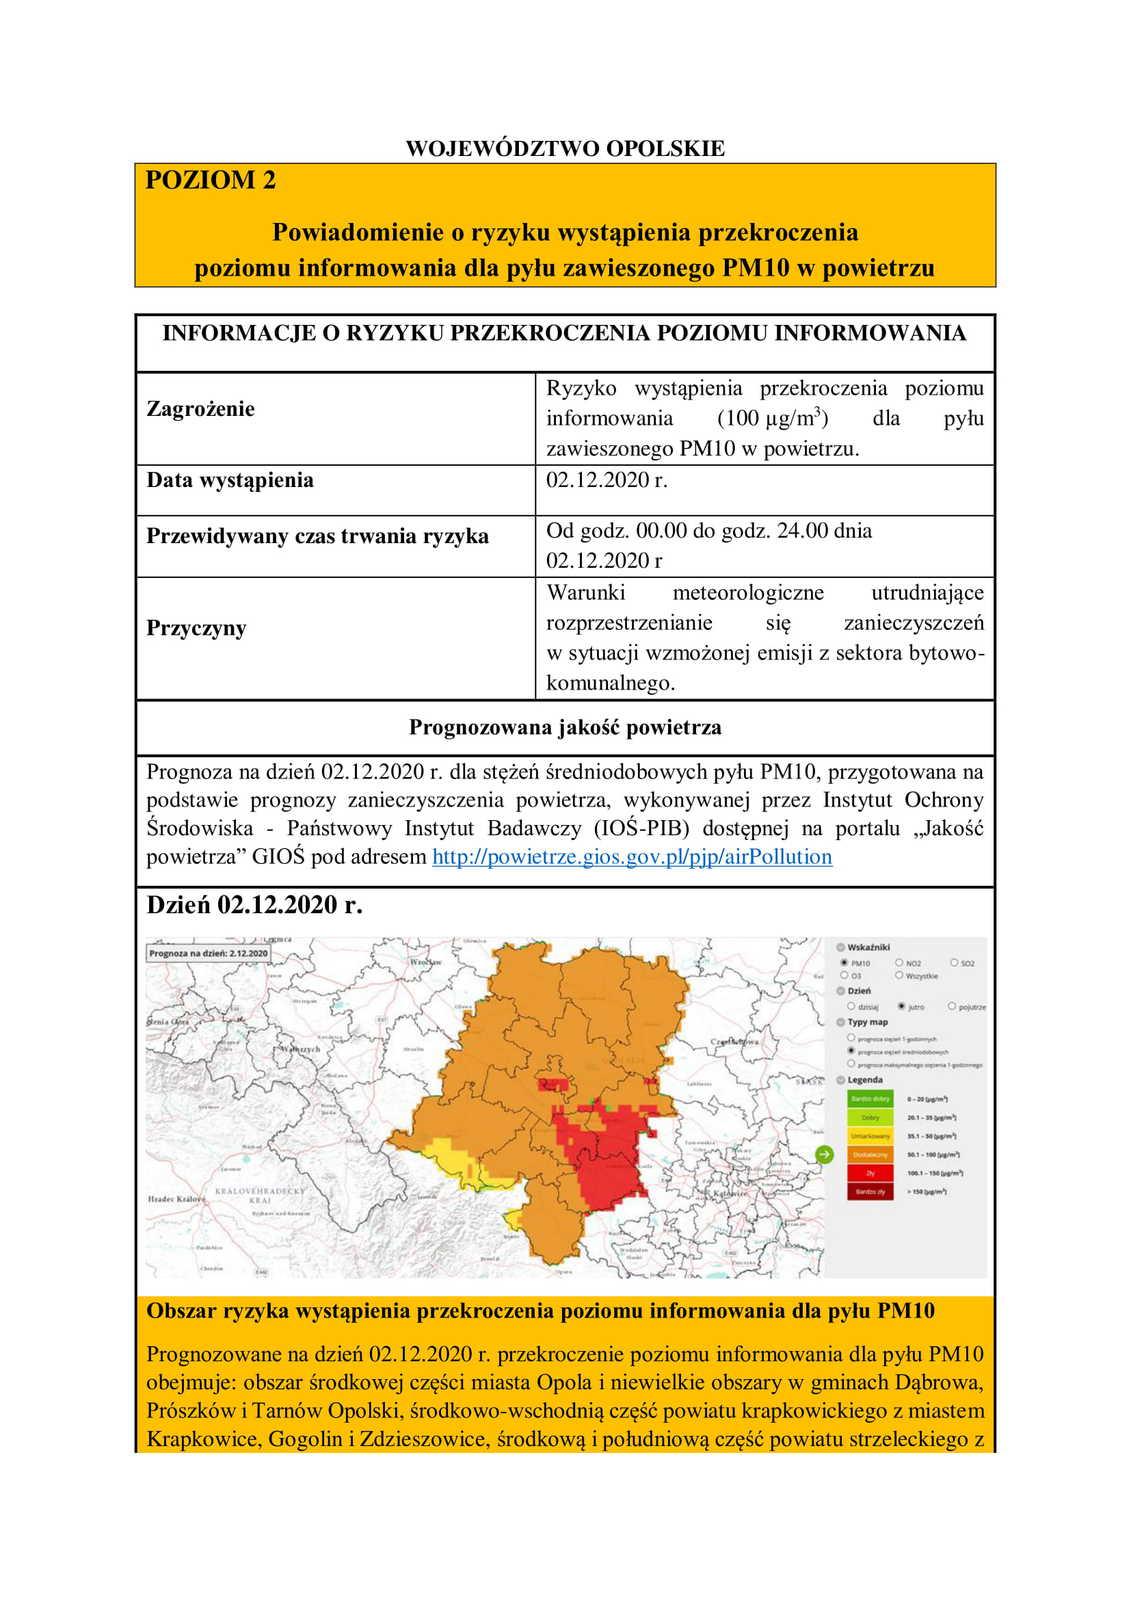 Powiadomienie o ryzyku wystąpienia przekroczenia poziomu informowania dla pyłu zawieszonego PM10 w powietrzu-1.jpeg